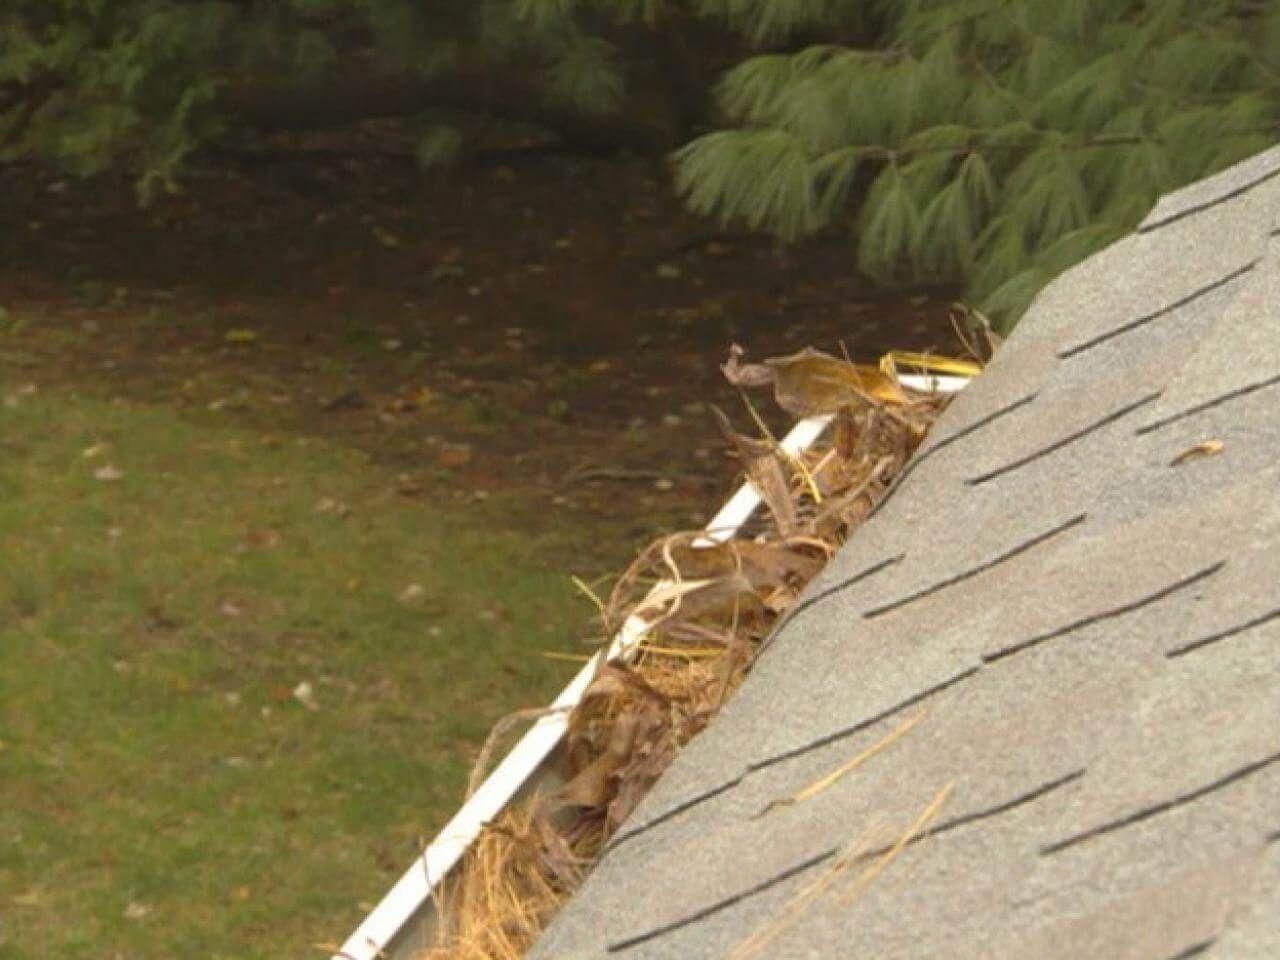 Clogged Gutters Mean A Compromised Roof Gutter Cleaning Repair Diyroofingtips Roof Repair Diy Roofing Roof Repair Diy